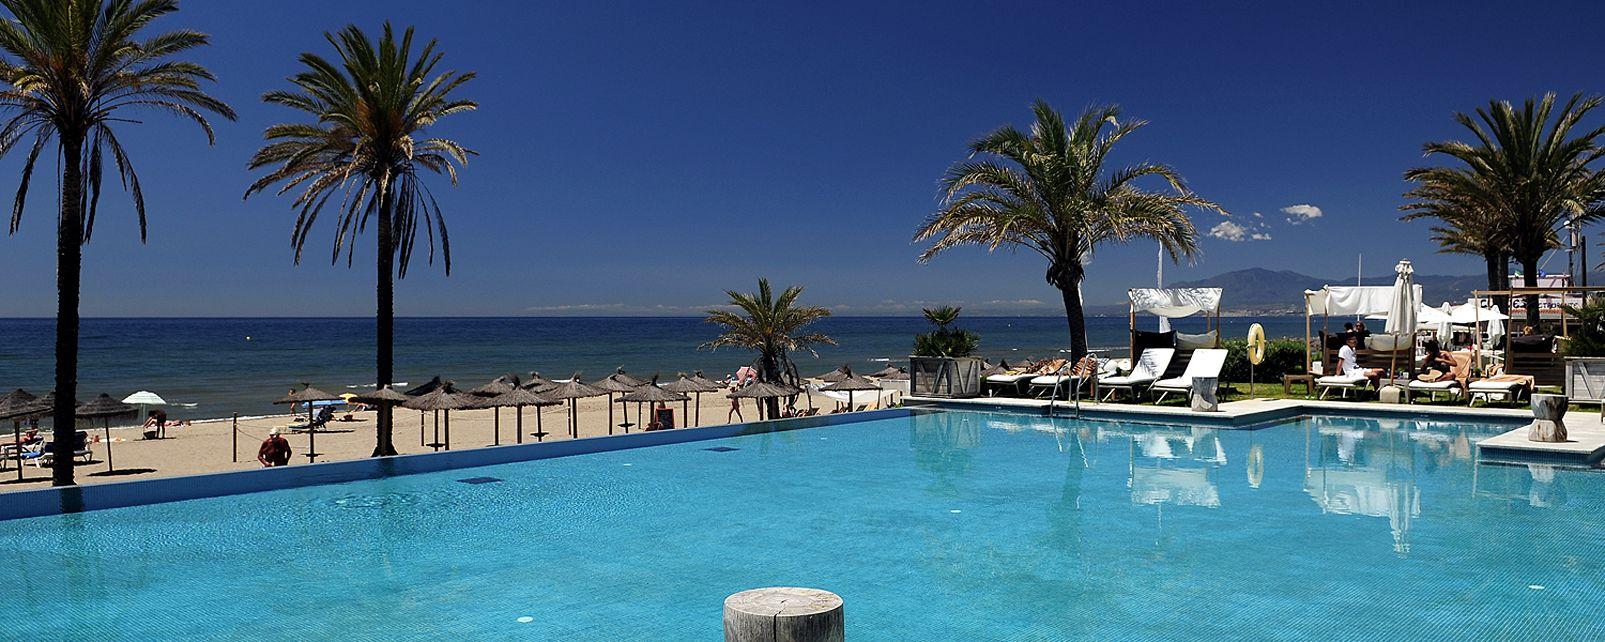 Hotel Vincci Seleccion Estrella Del Mar In Marbella